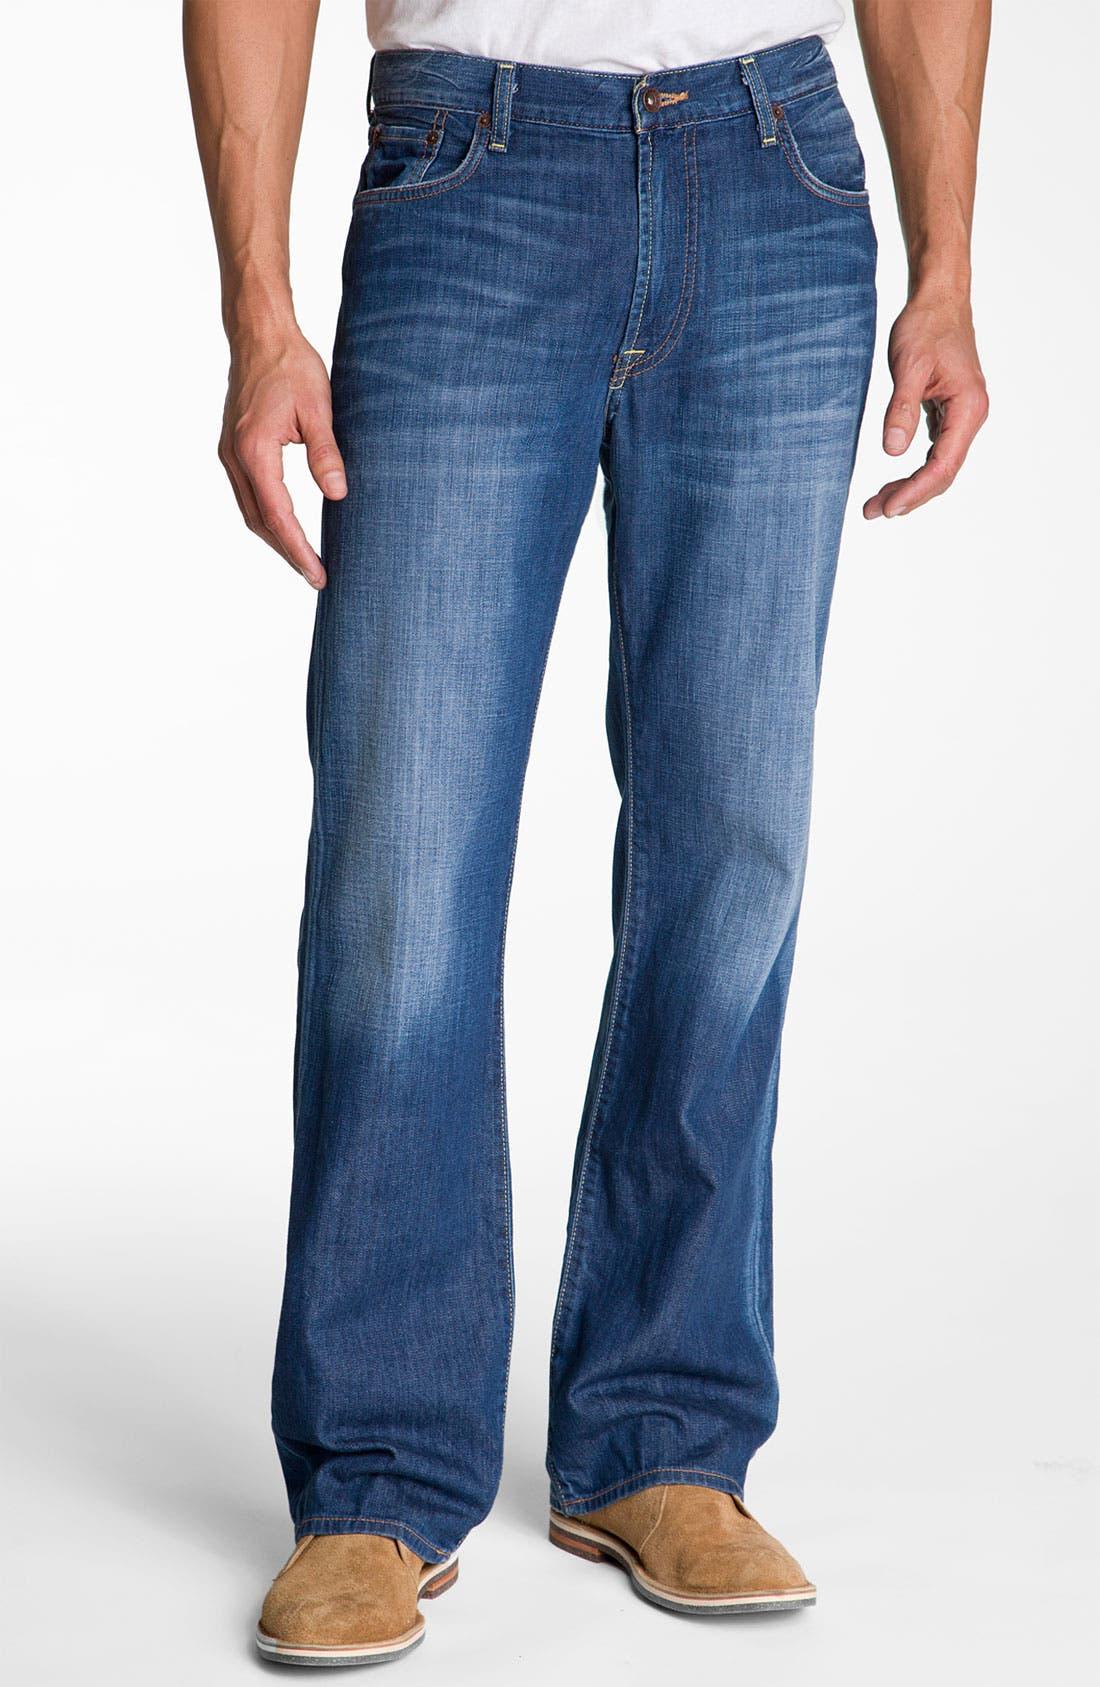 Alternate Image 1 Selected - Lucky Brand Relaxed Straight Leg Jeans (Ol' Neptune)